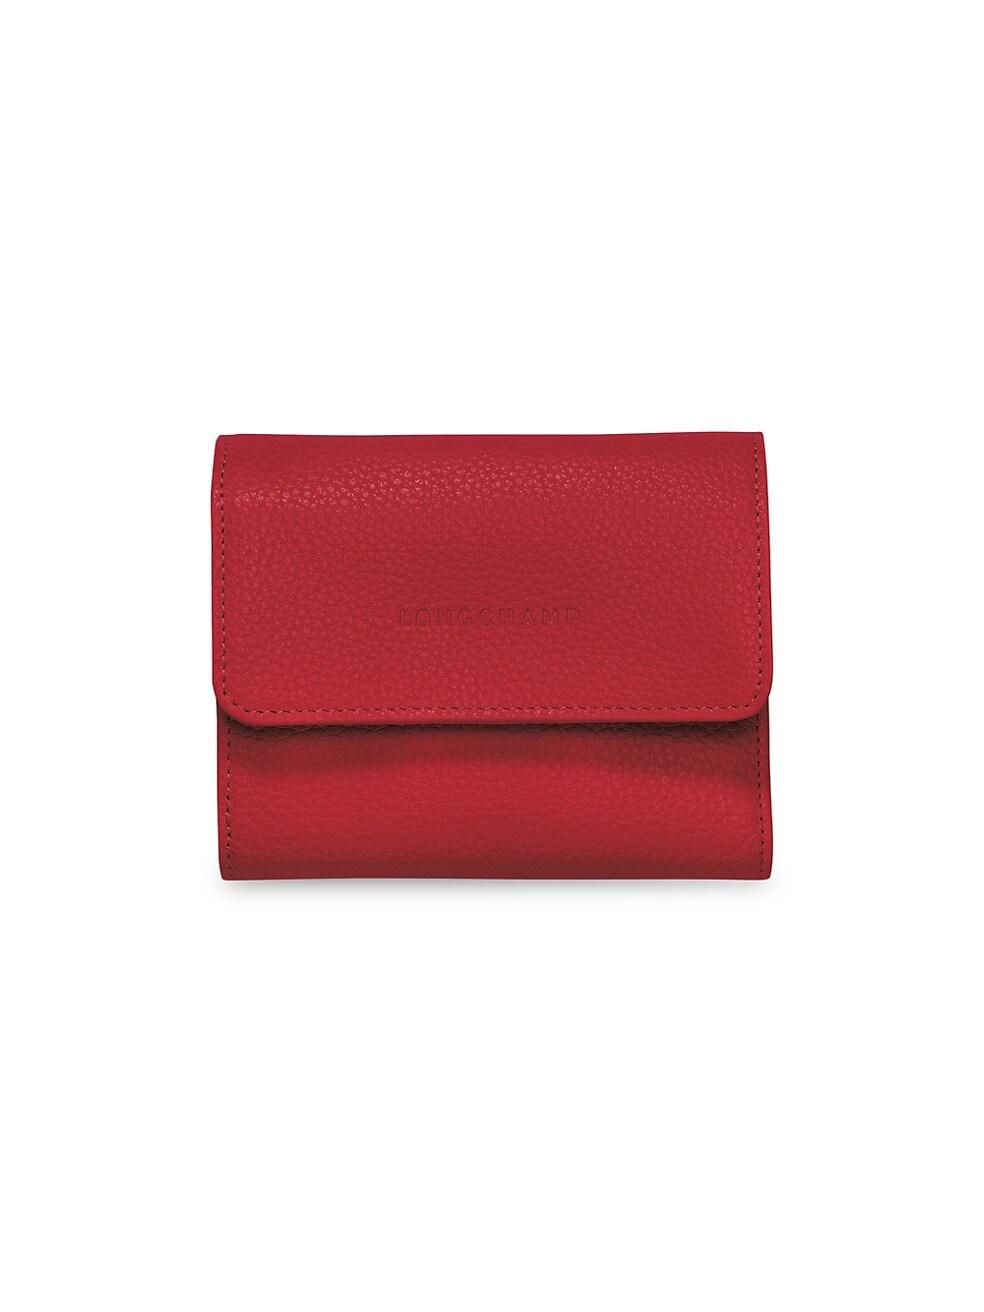 롱샴 지갑 Longchamp Le Foulonne Leather Wallet,RED